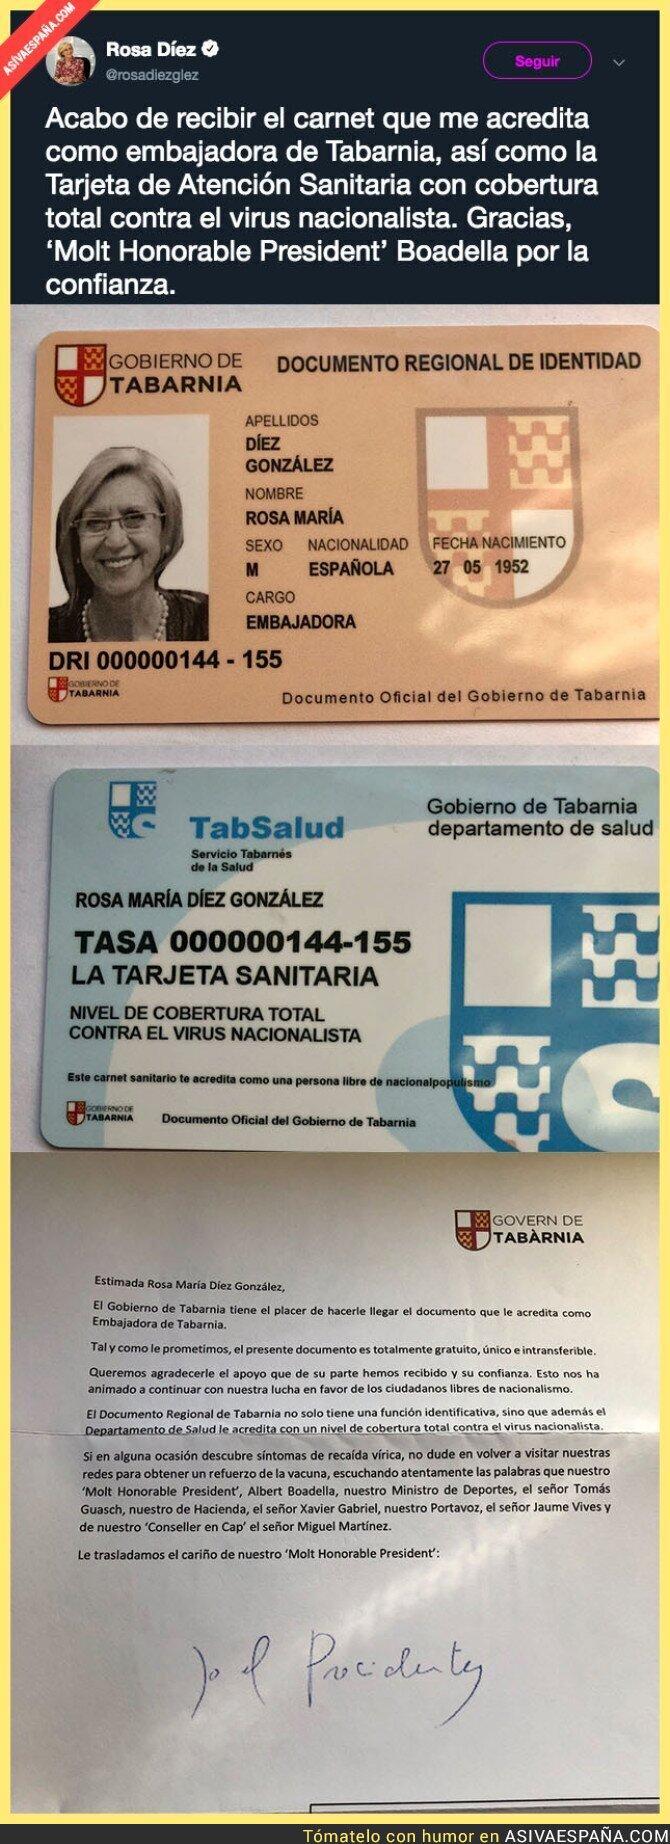 105320 - Los de Tabarnia siguen haciendo el ridículo regalándole esto a Rosa Díez